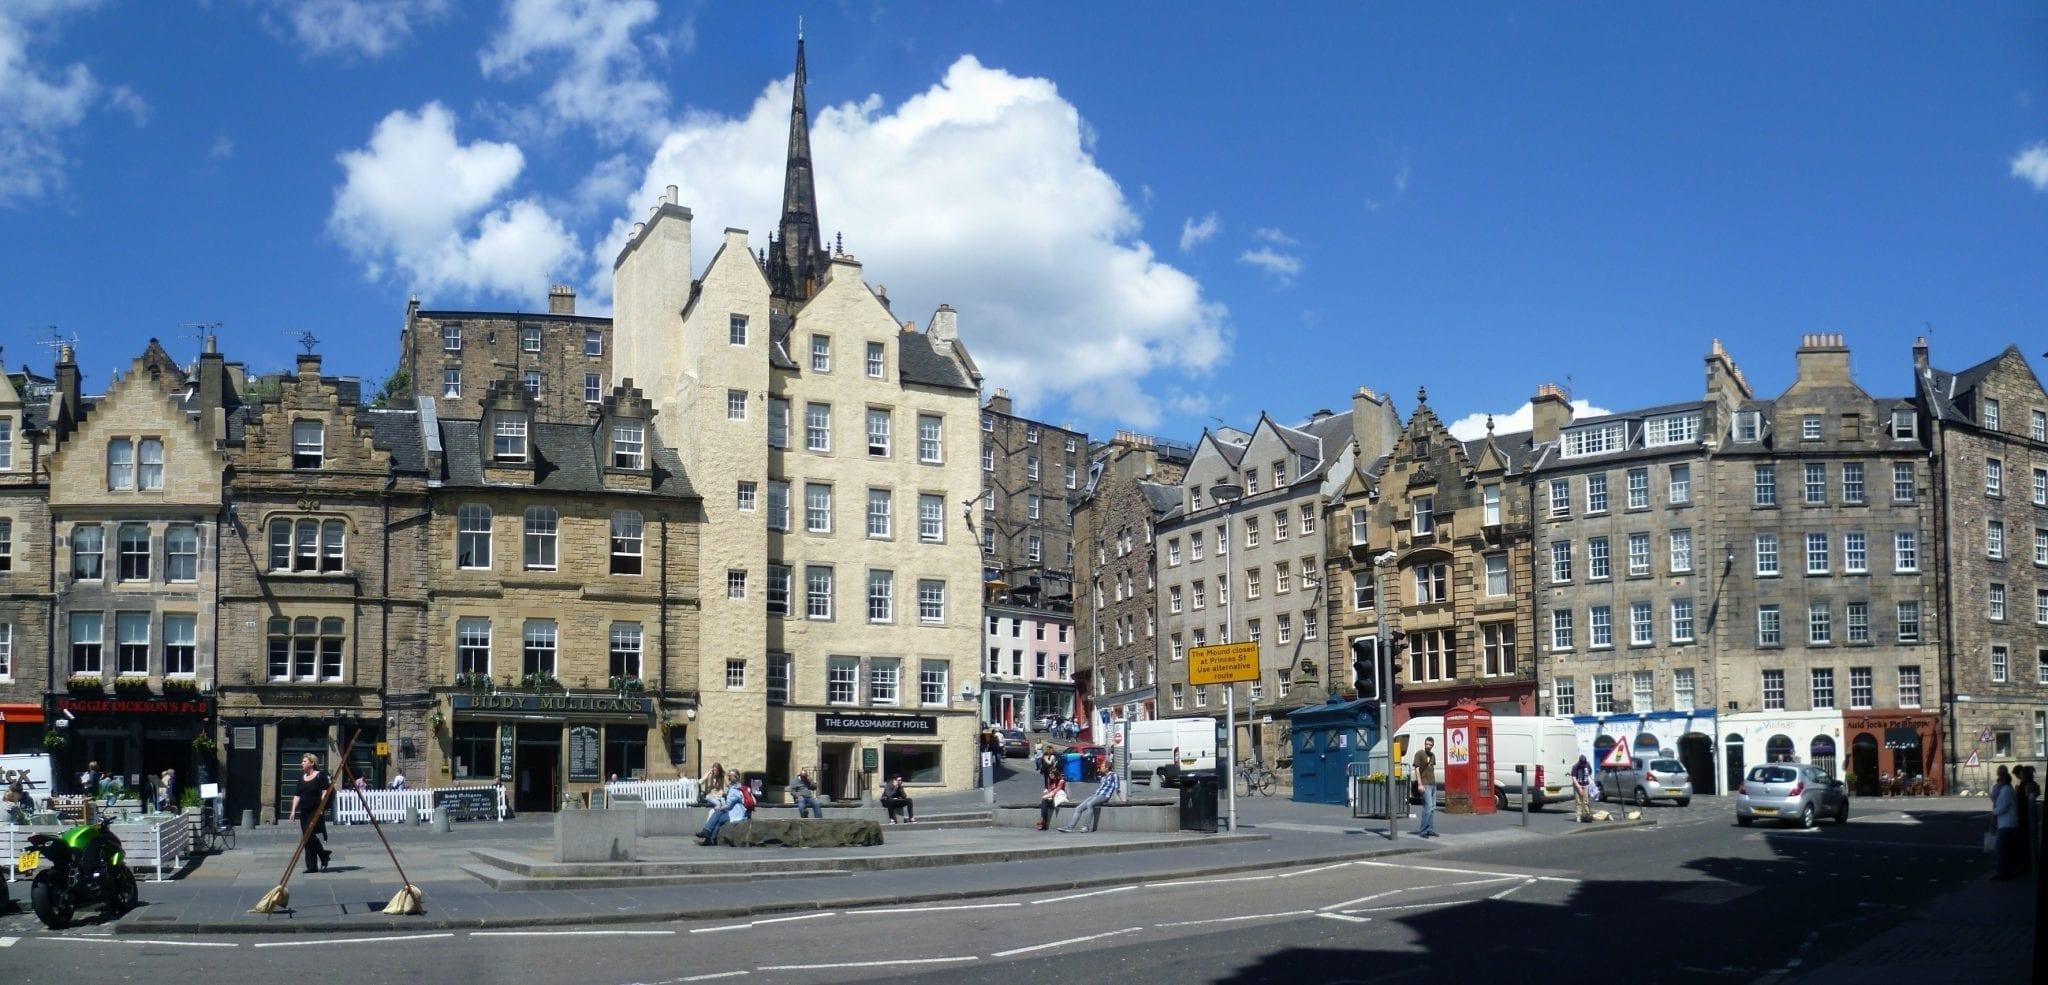 Ha Universidad en Edimburgo